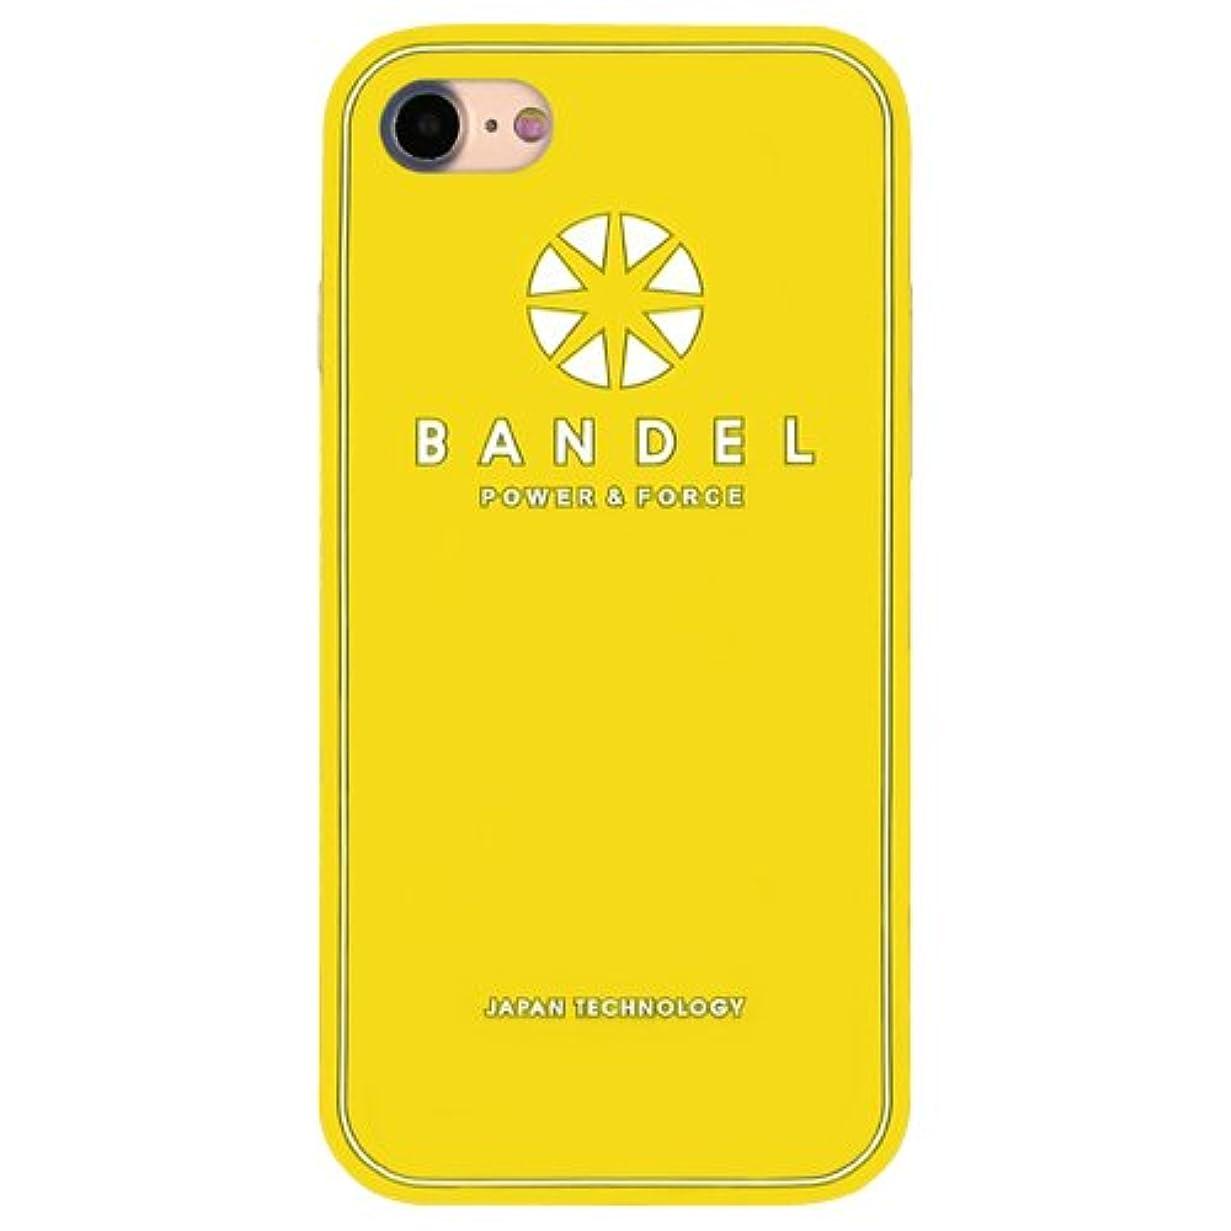 生きるアノイバンバンデル(BANDEL) iPhone7ケース ロゴ イエロー [iPhone7用シリコンケース]